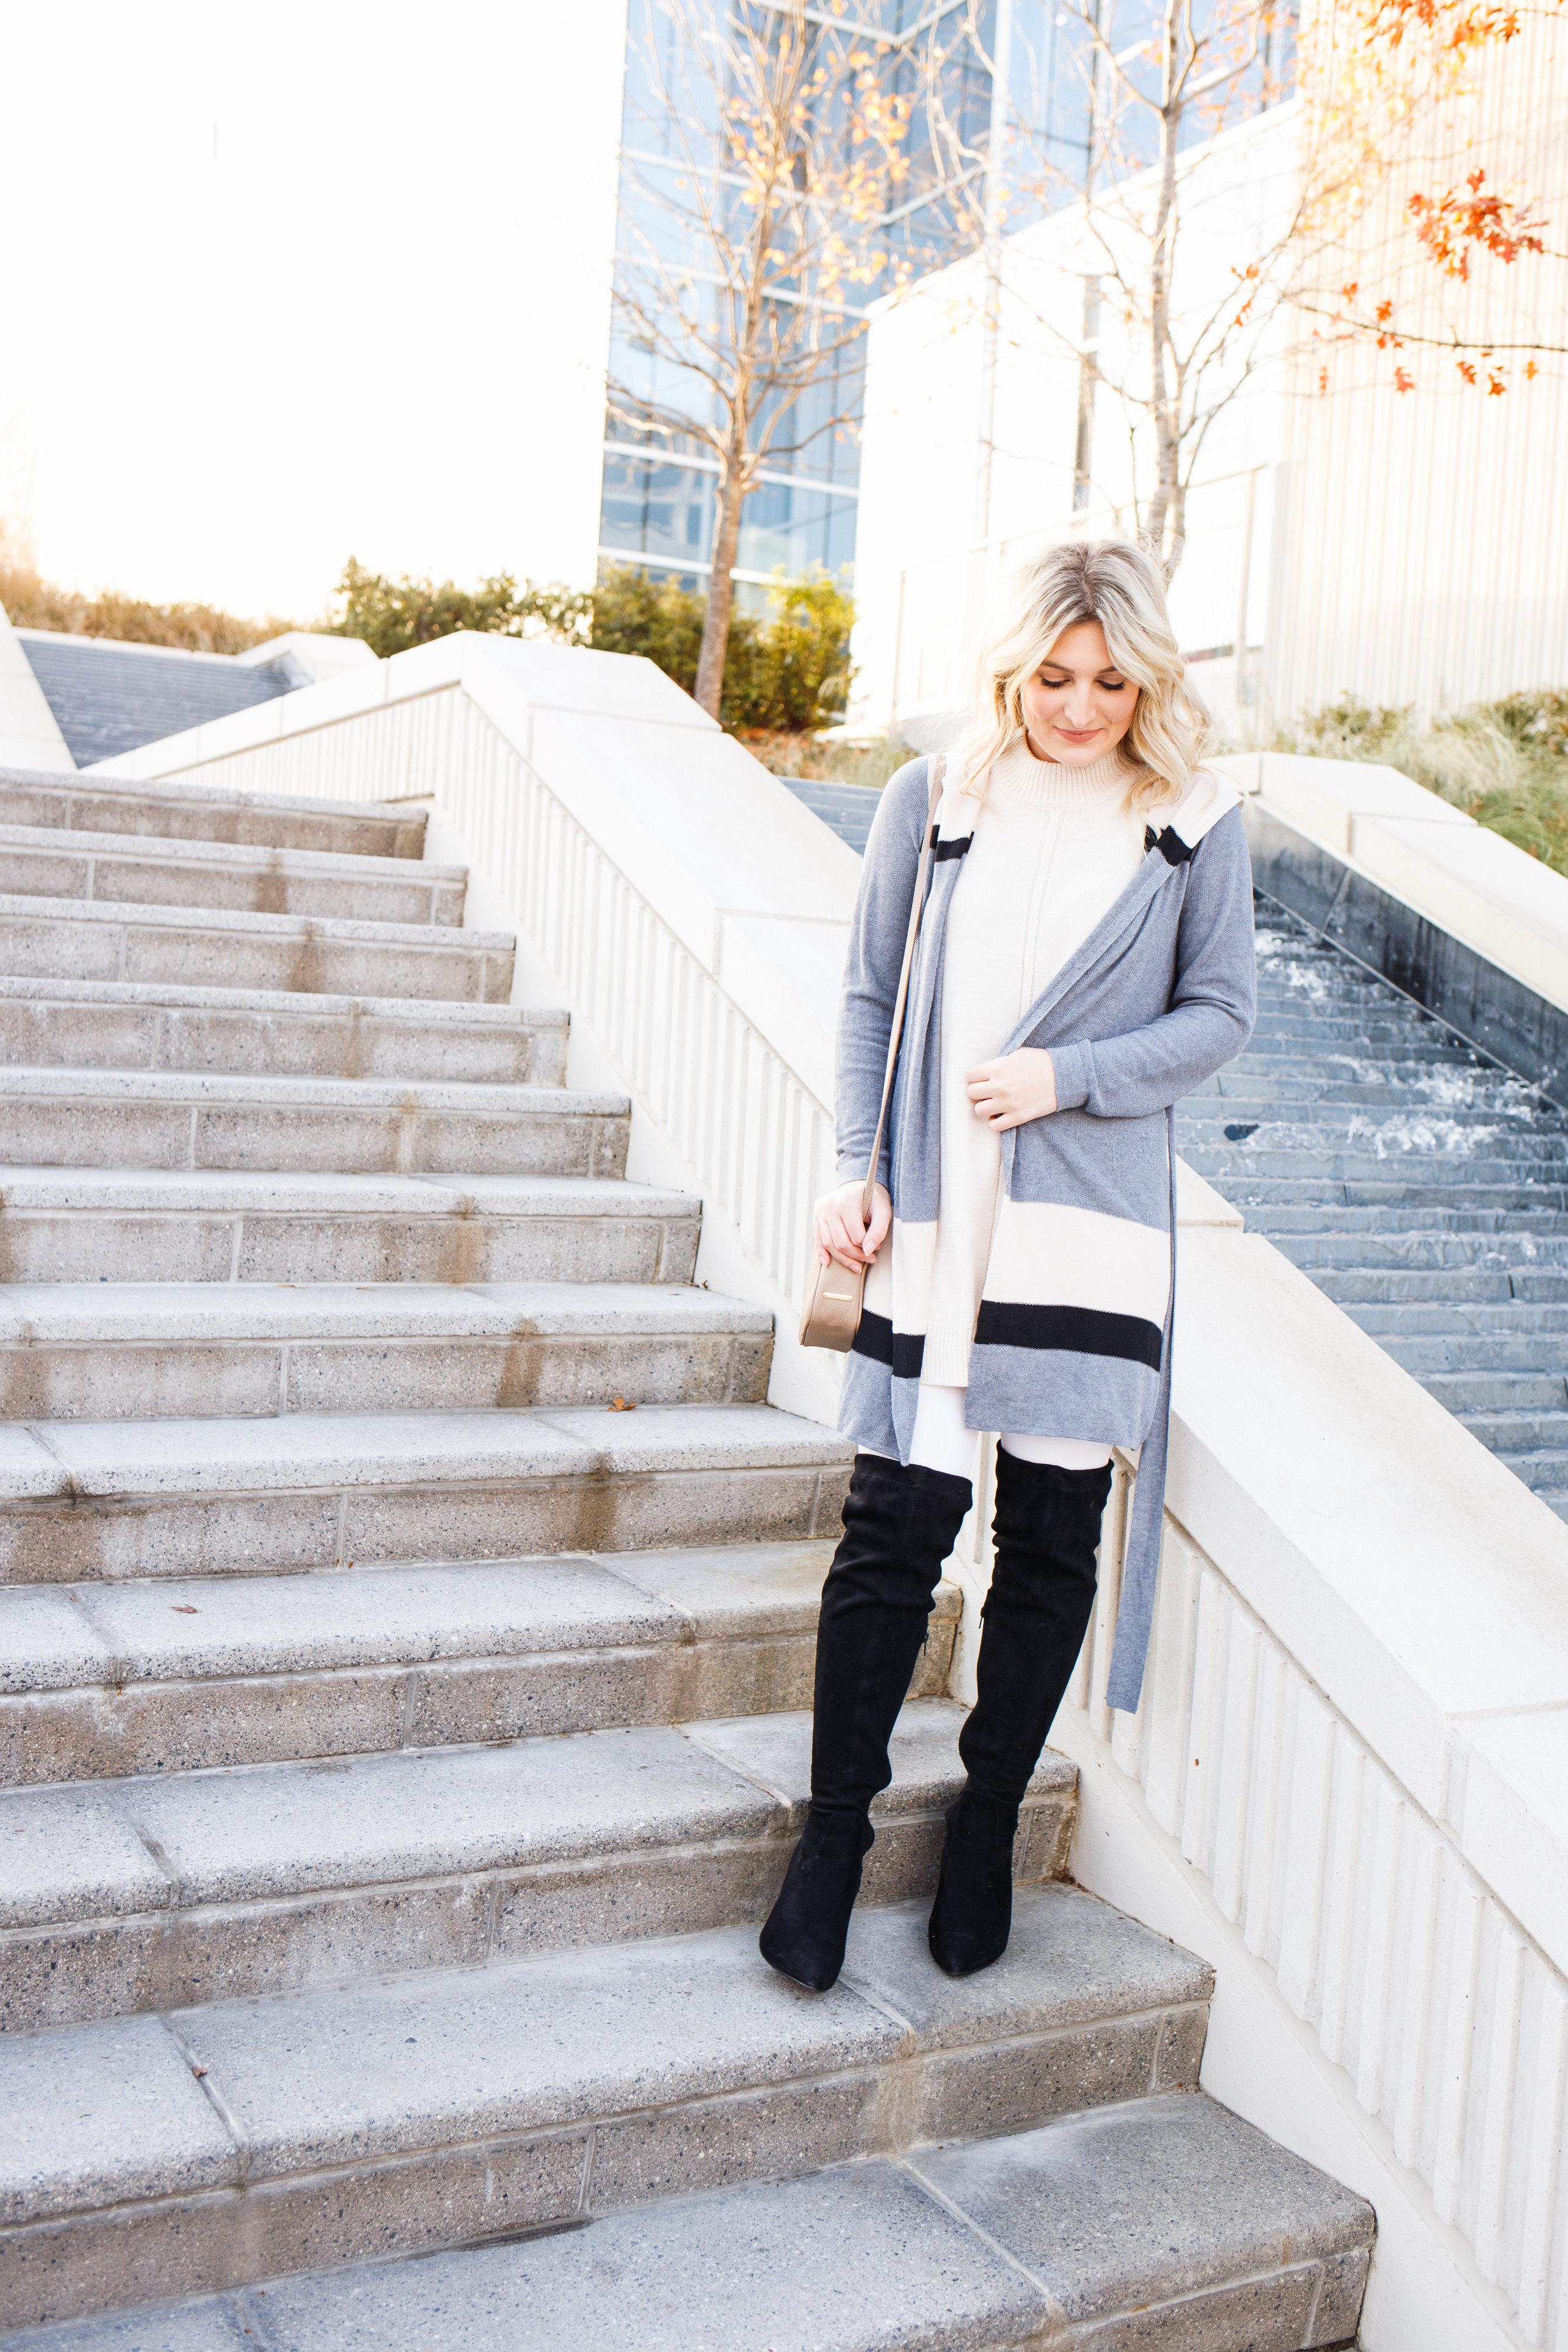 Winter Shades of White & Cream   AMS Blog   Dallas/ Lubbock college fashion blogger